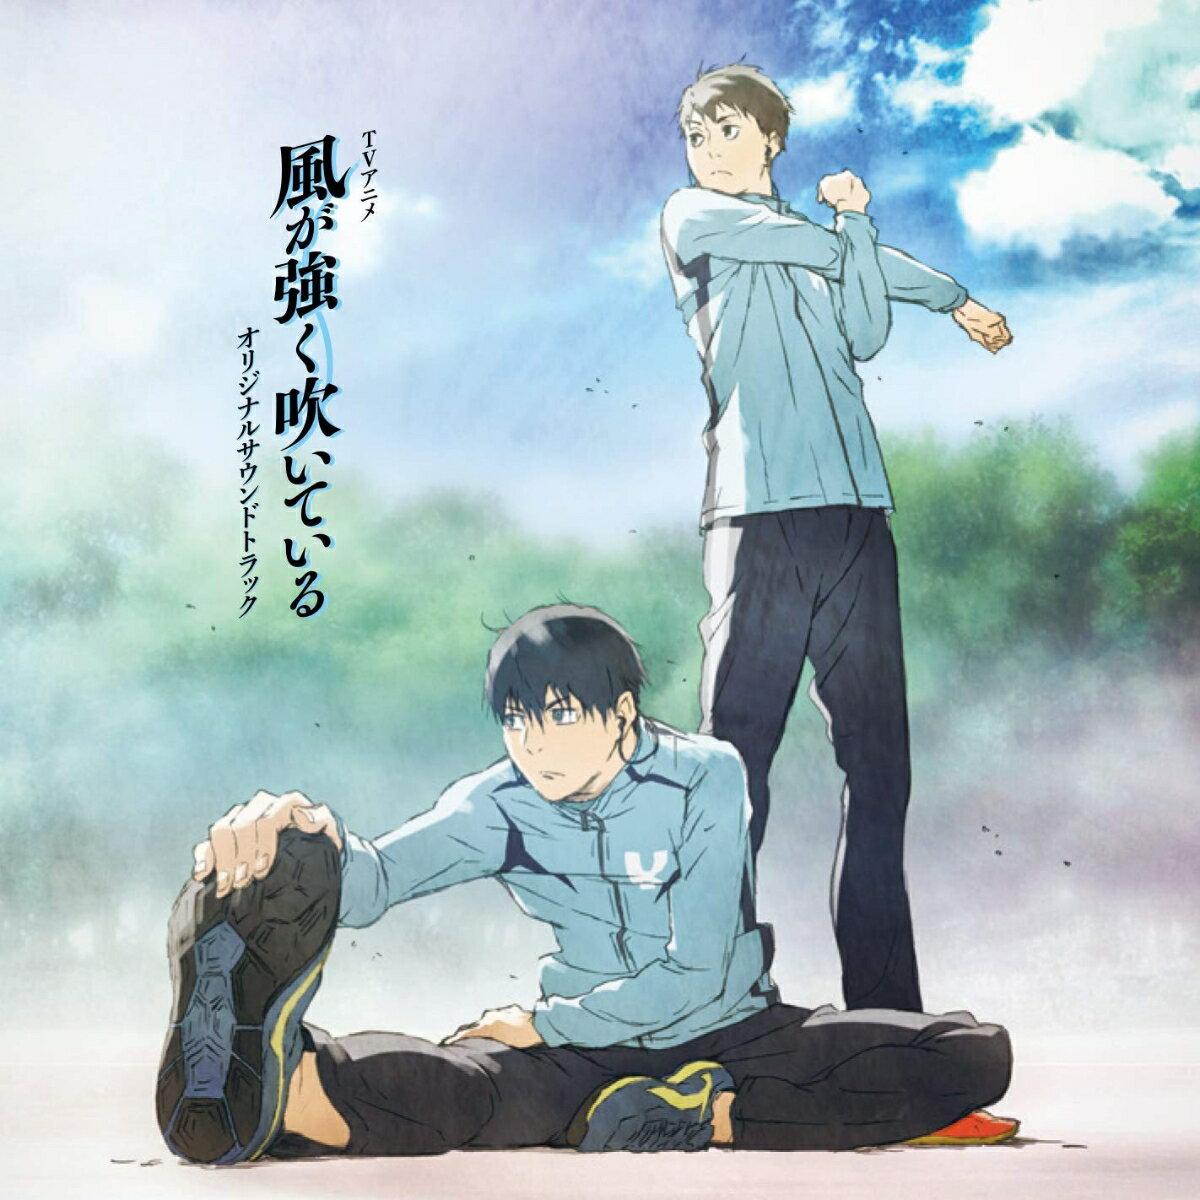 TVアニメ「風が強く吹いている」オリジナルサウンドトラック [ 林ゆうき ]